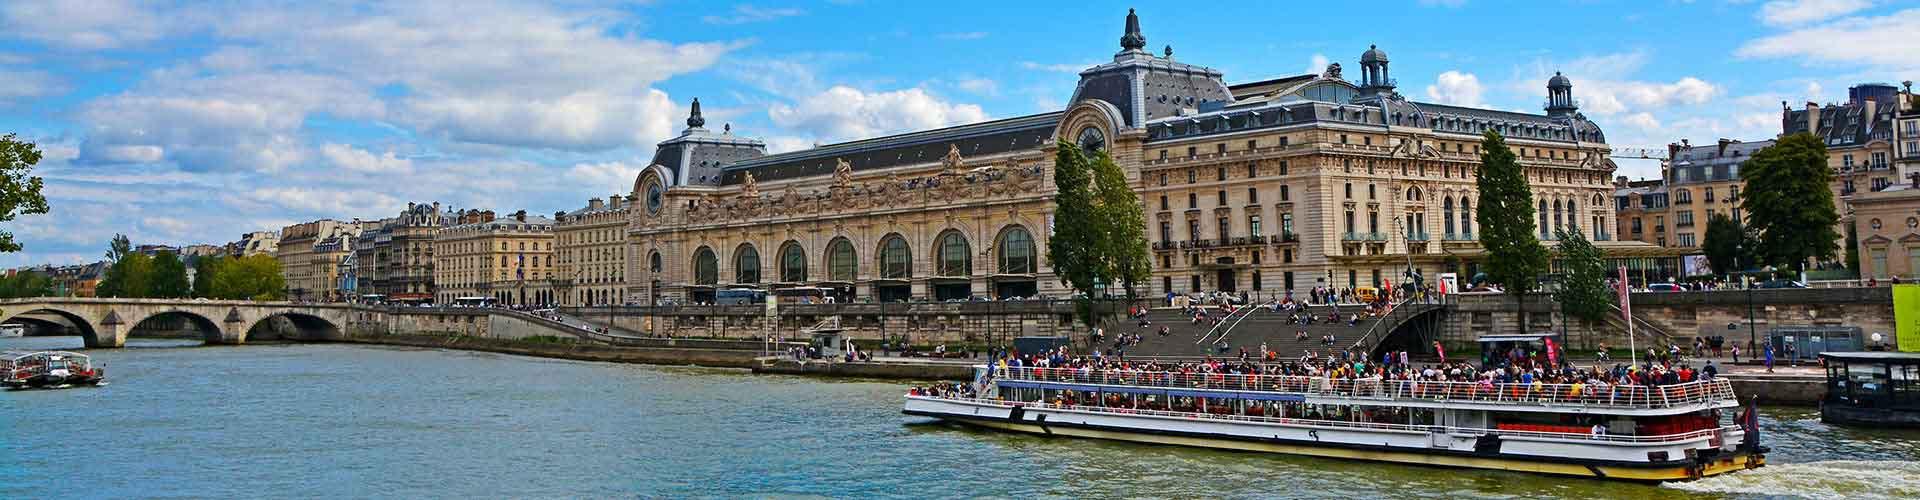 Paris - Hôtels près de Musee d'Orsay. Cartes pour Paris, photos et commentaires pour chaque Hôtel à Paris.